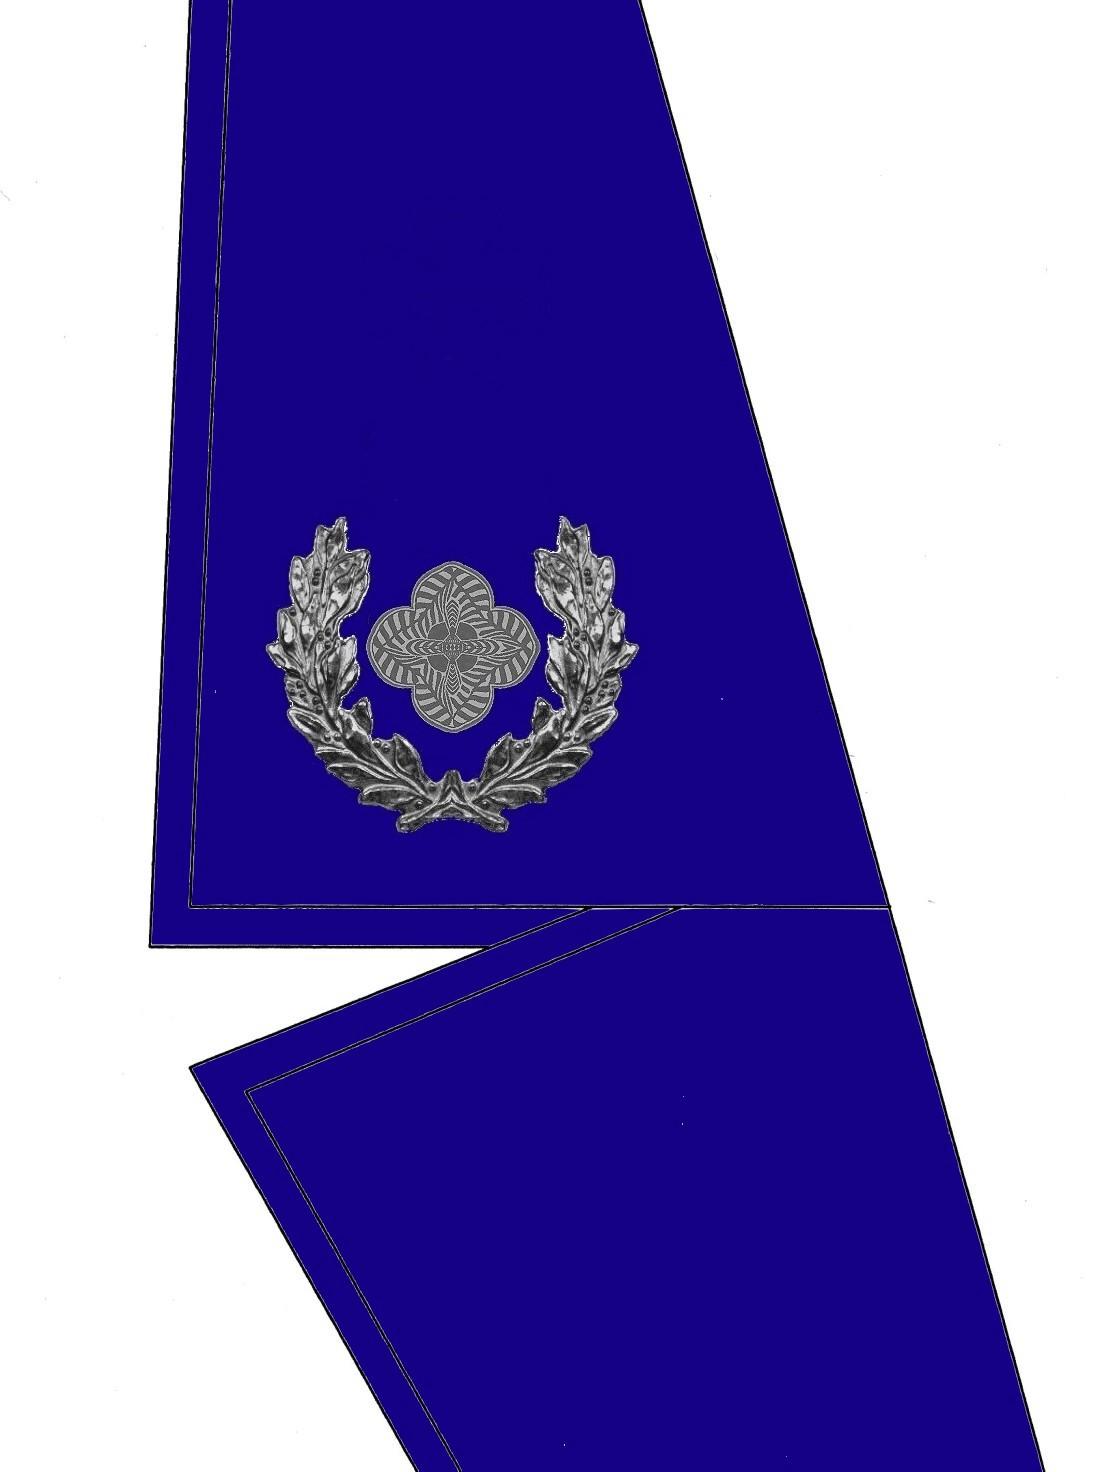 08-kragen-rangabzeichen-offzstvcsli-hg-blau